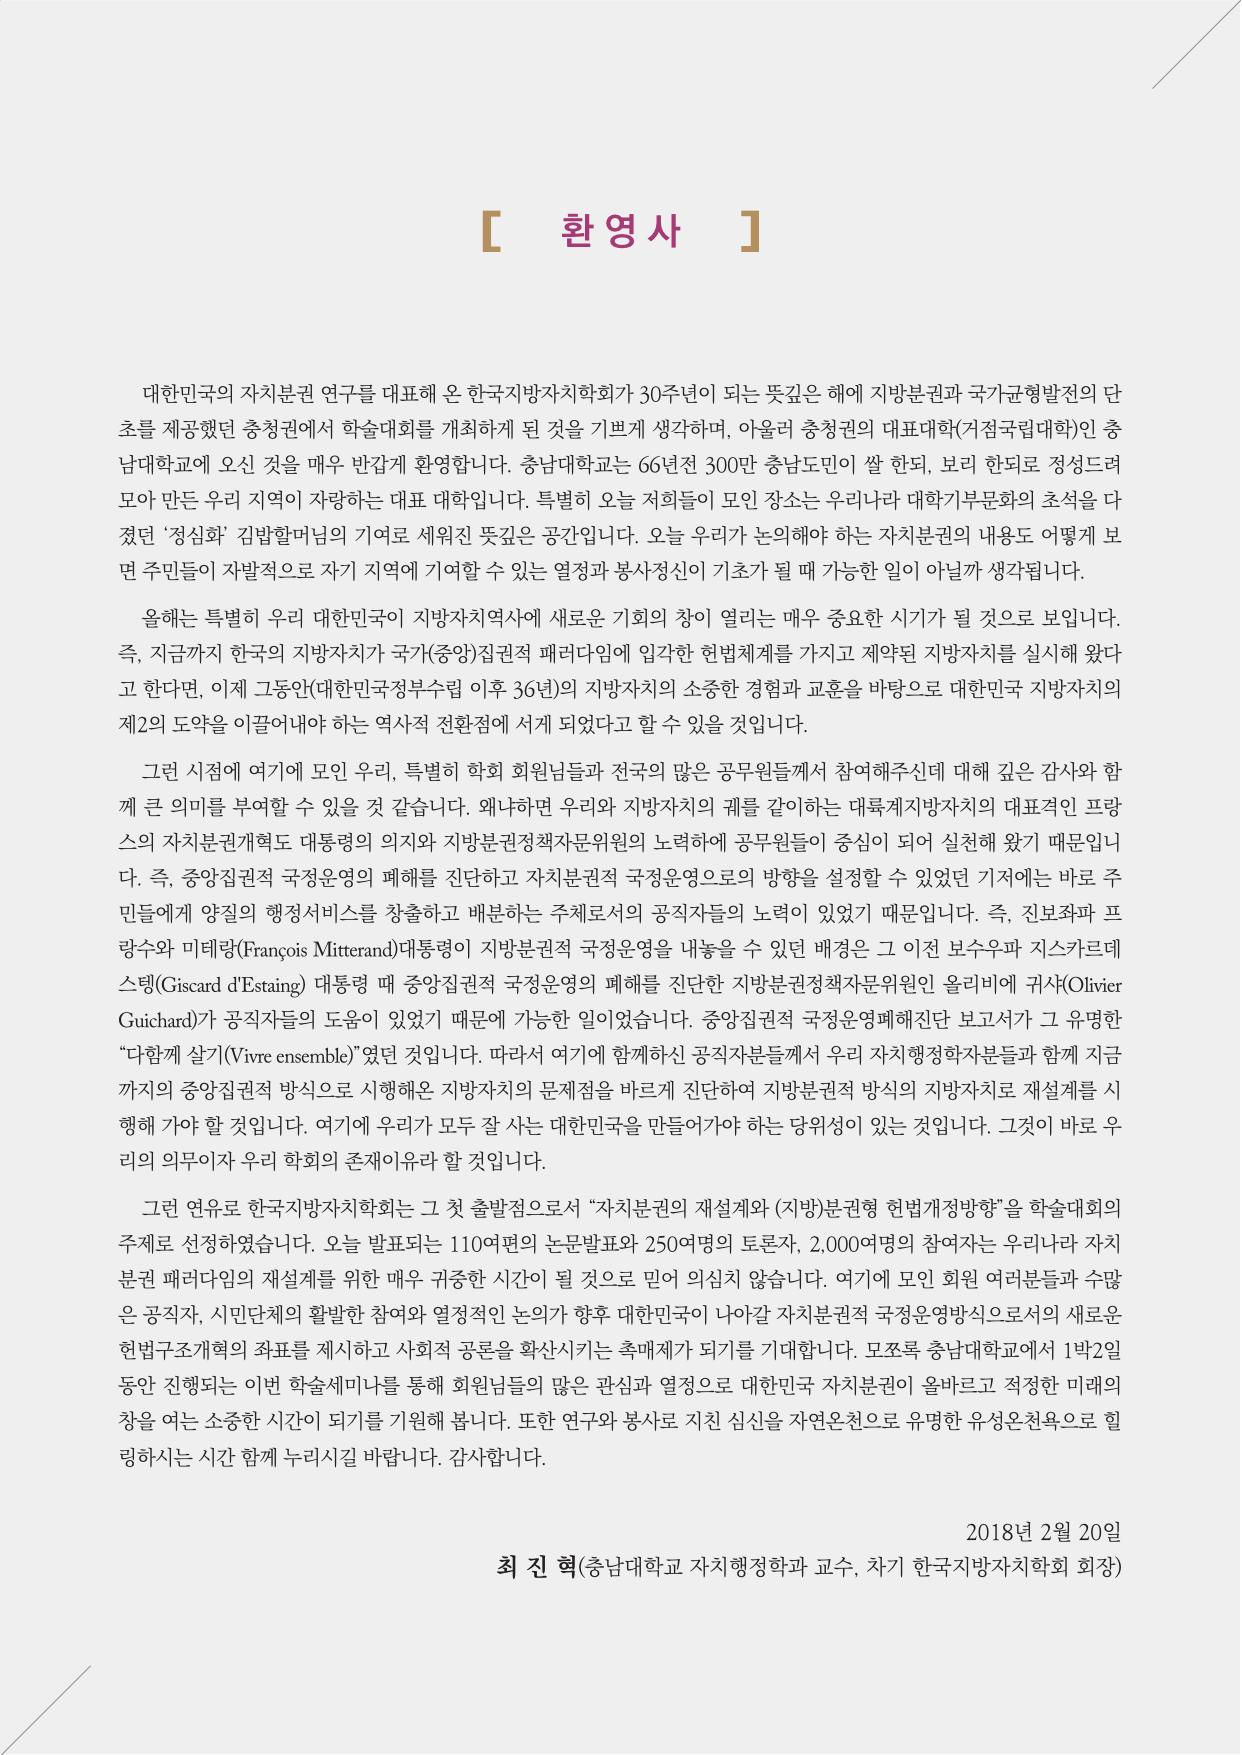 초청장_동계학술대회_한국지방자치학회(최종본)-05.jpg